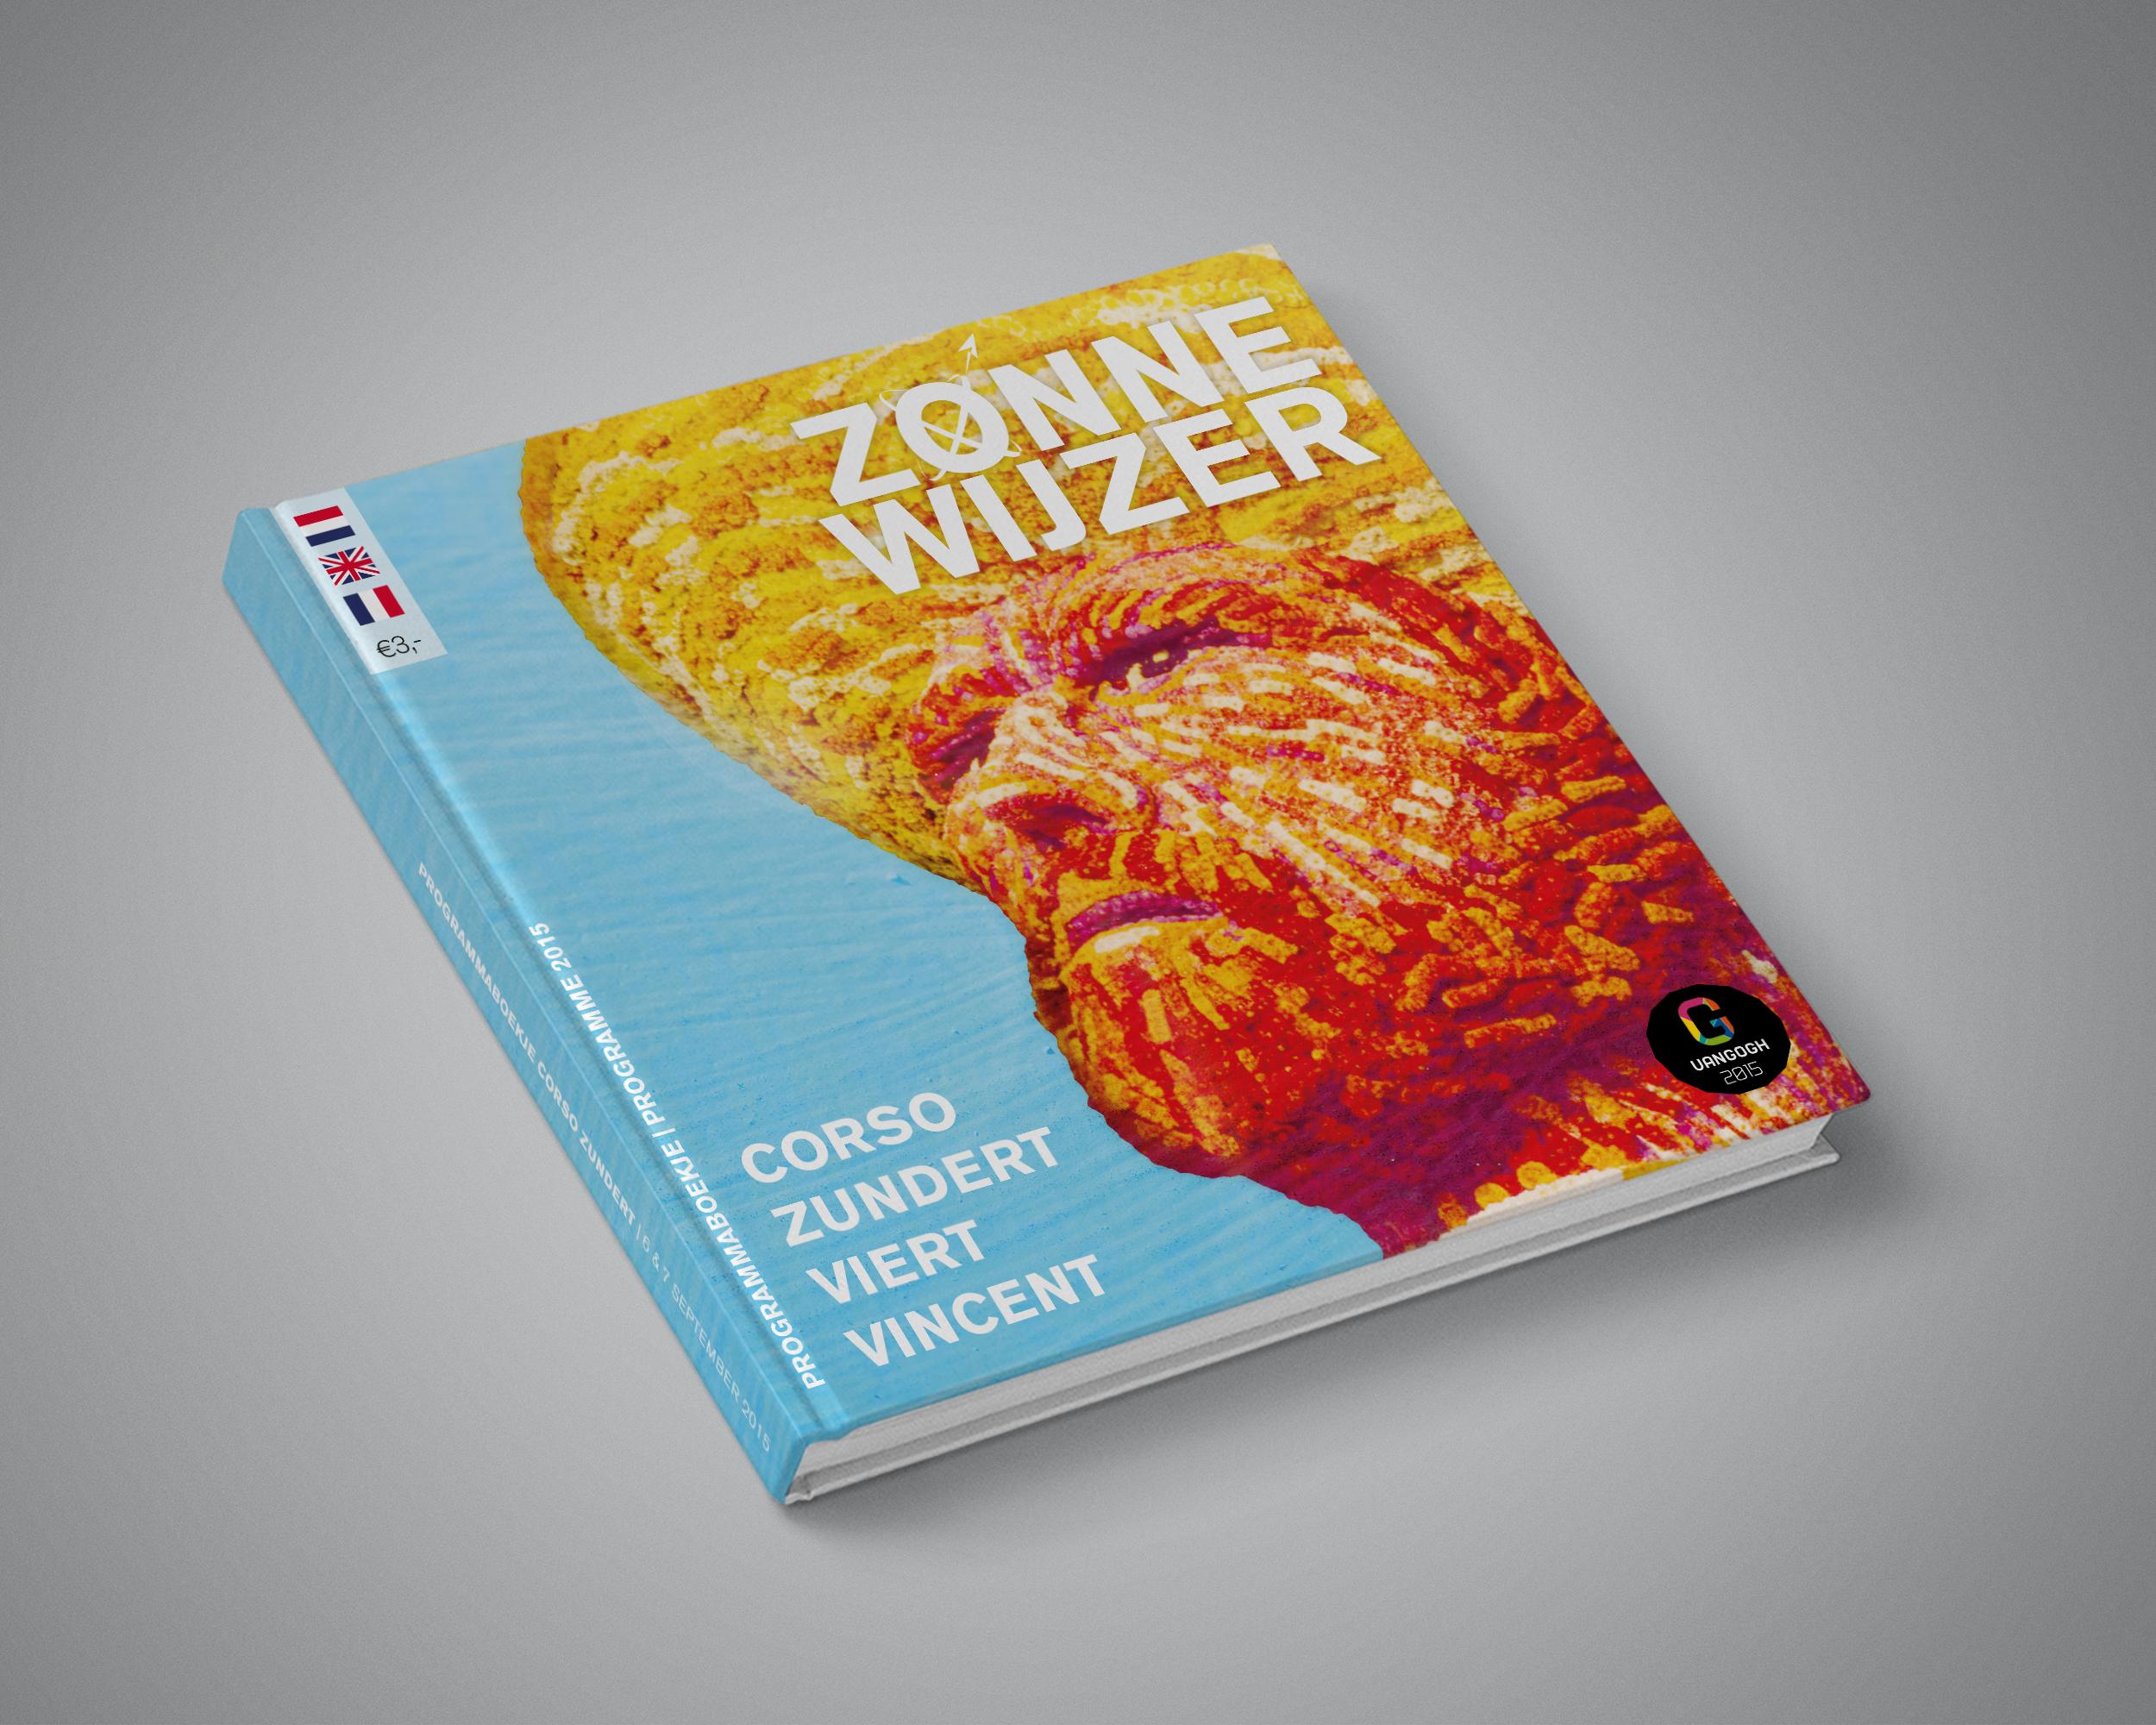 zonnewijzer-boek_cover_1